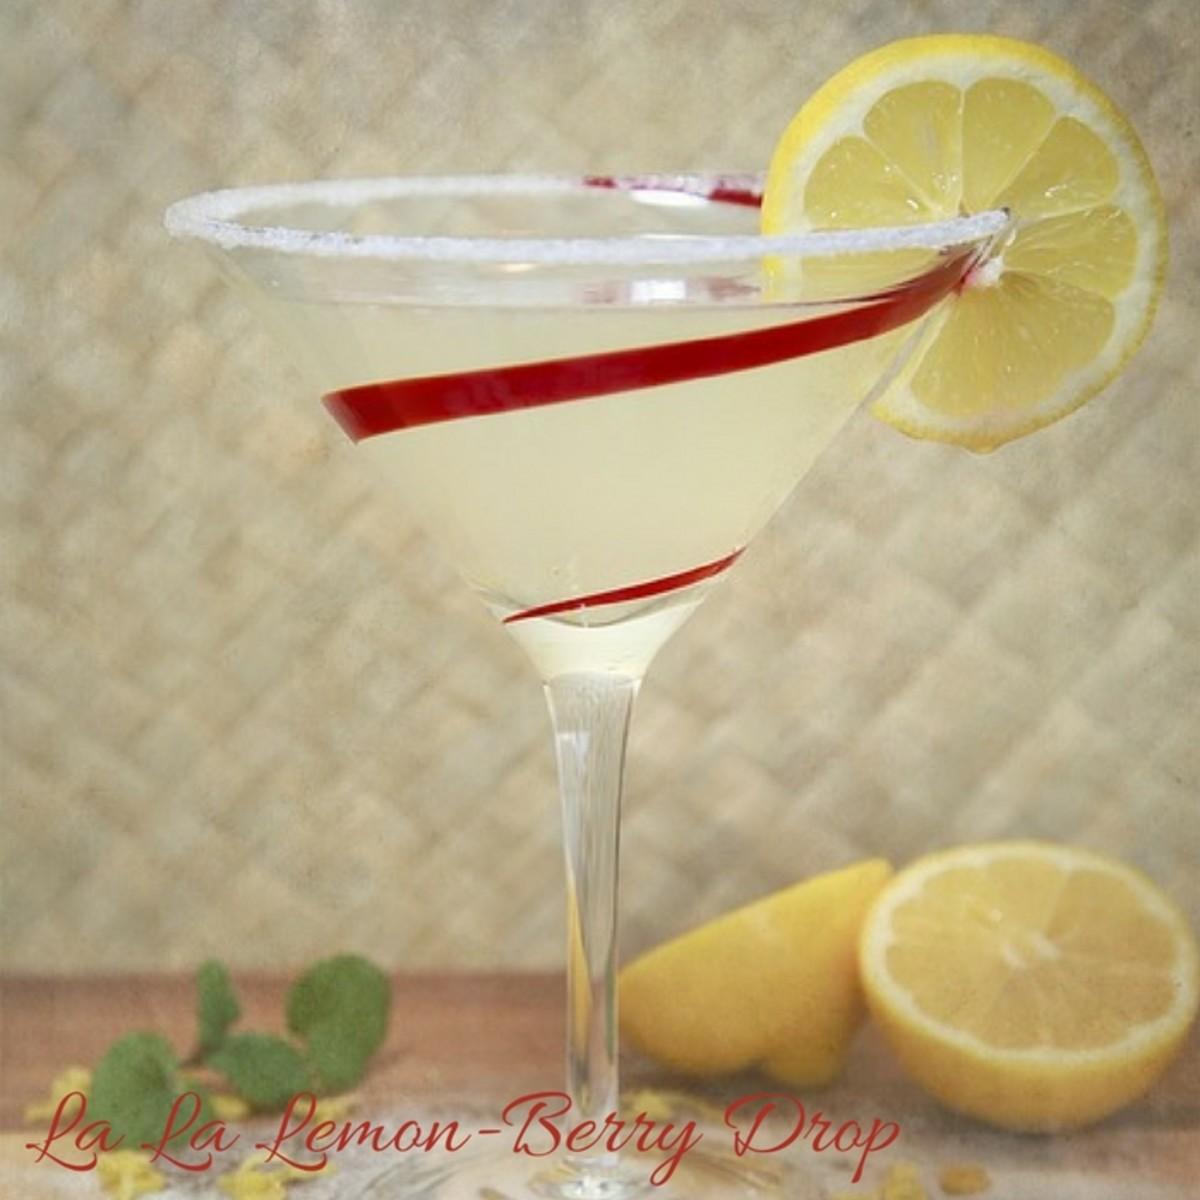 La La Land Lemon-Berry Drop